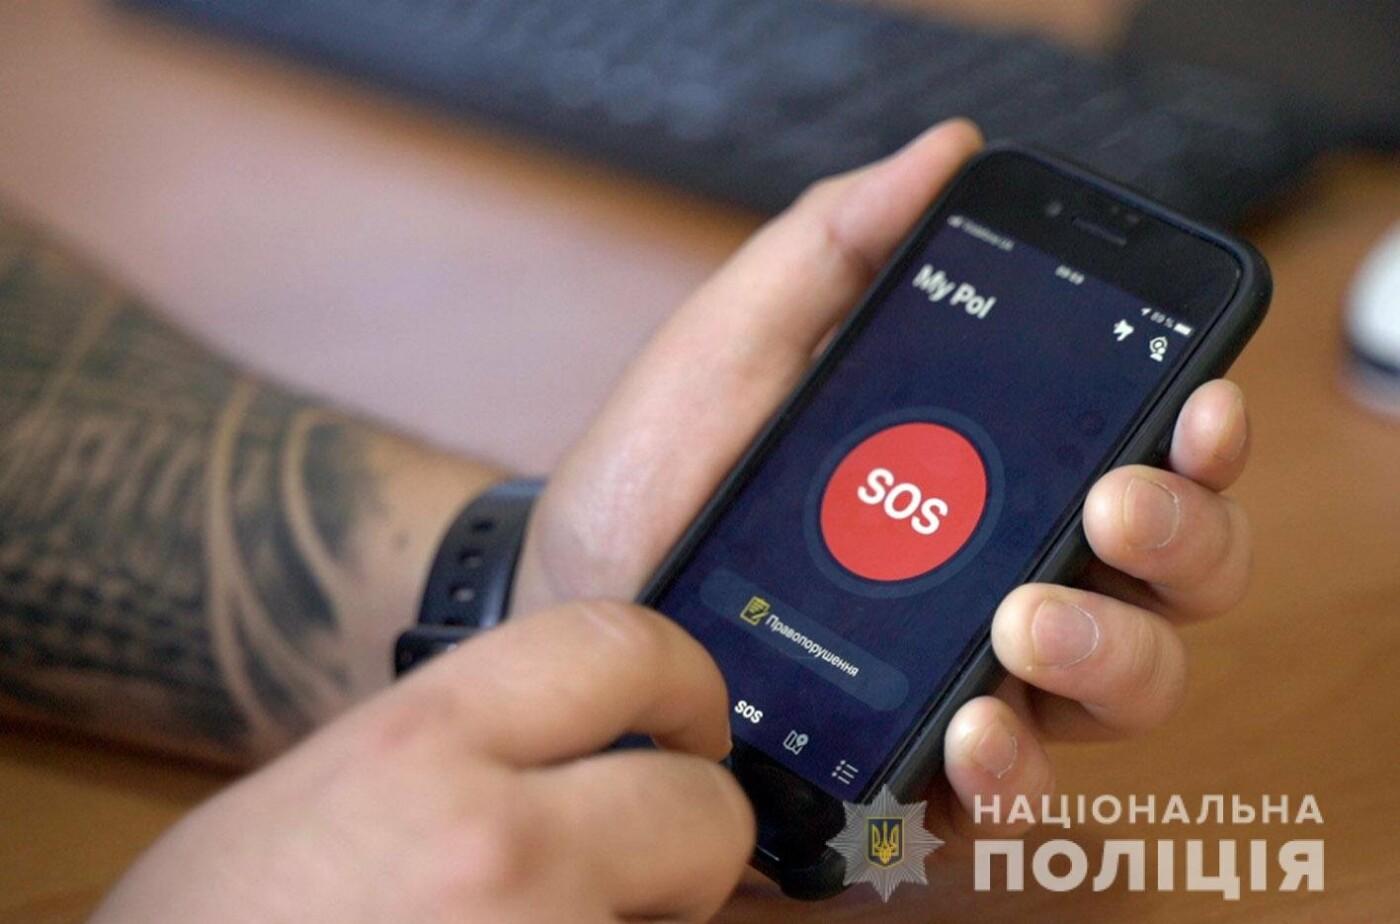 """Відтепер поліцію на Хмельниччині можна викликати за допомогою мобільного додатка """"My Pol"""", фото-1"""